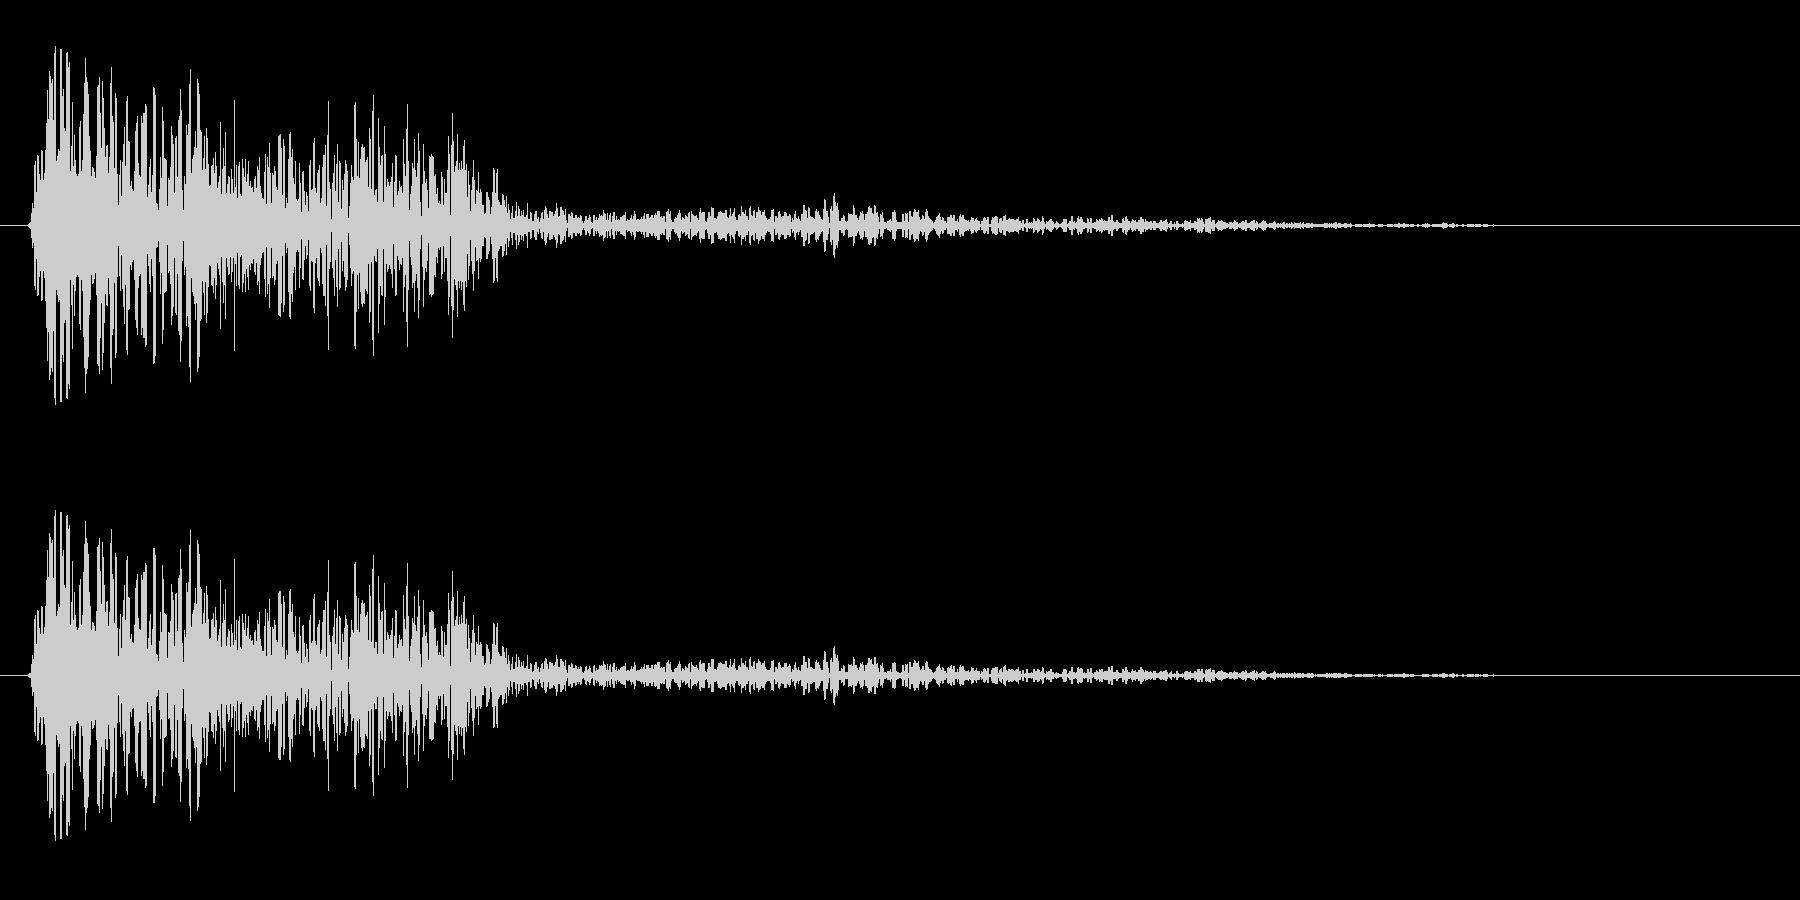 パワワワ(決定音、登場音)の未再生の波形